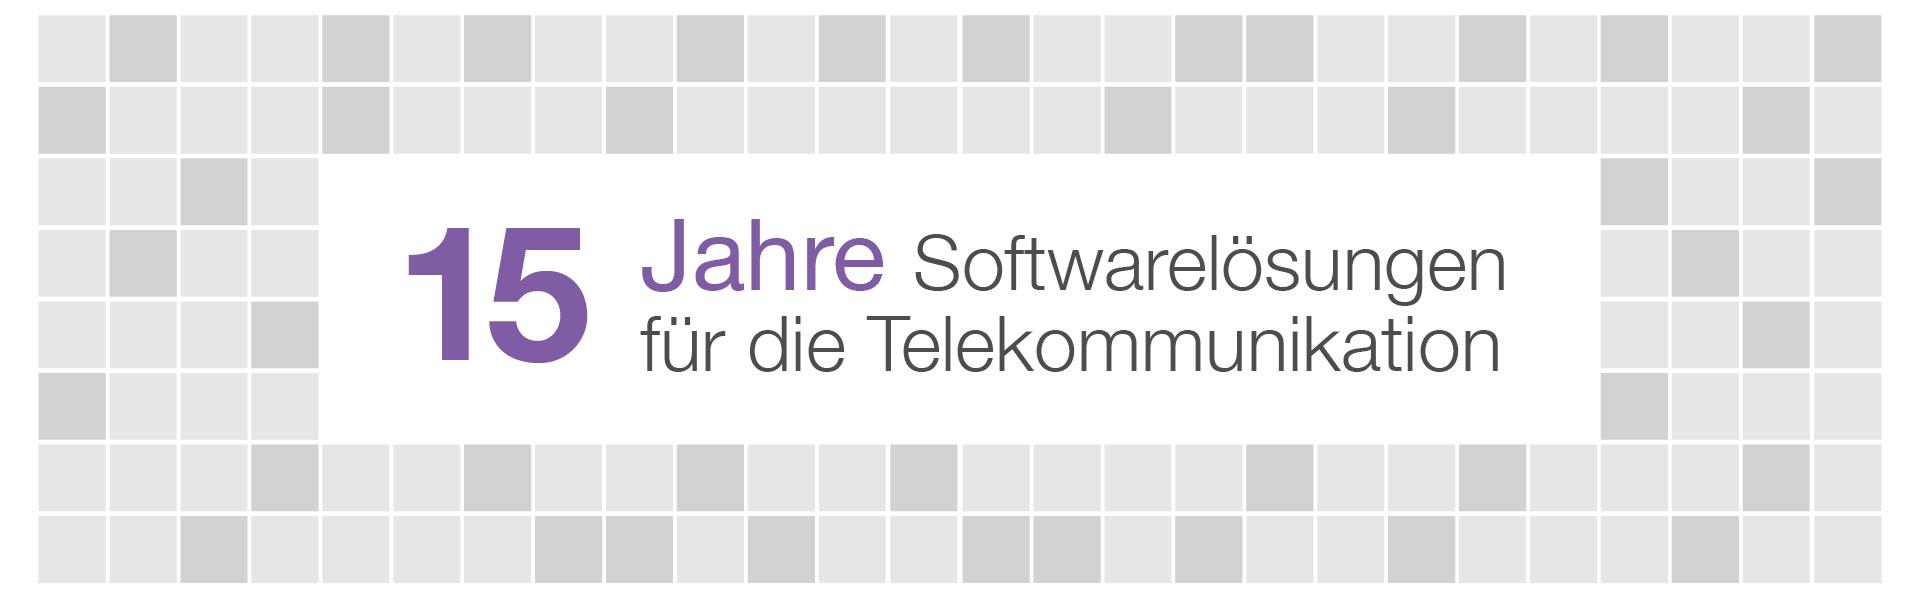 dimari-software-loesung